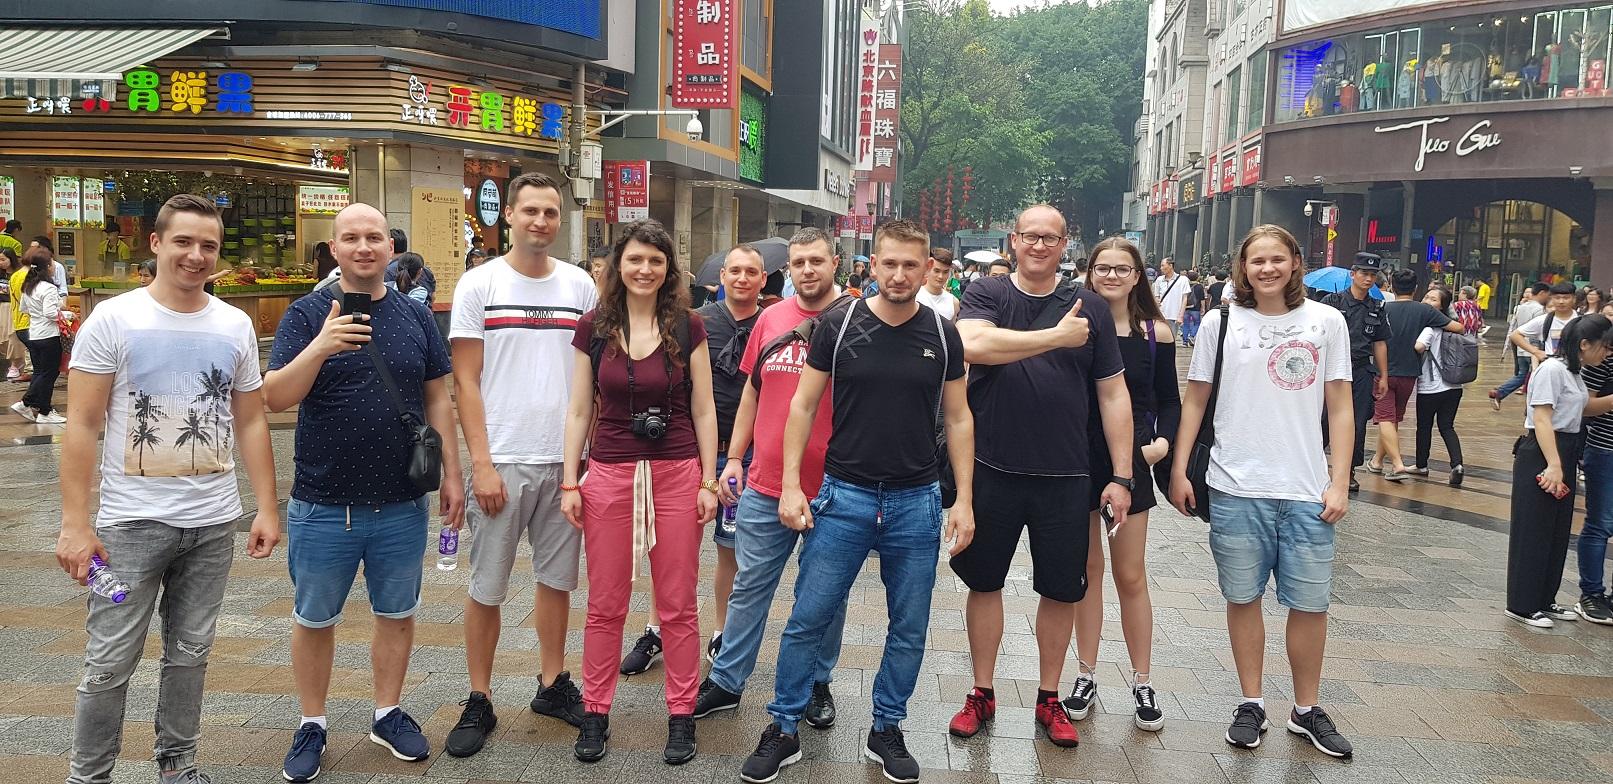 výlet v guangzhou